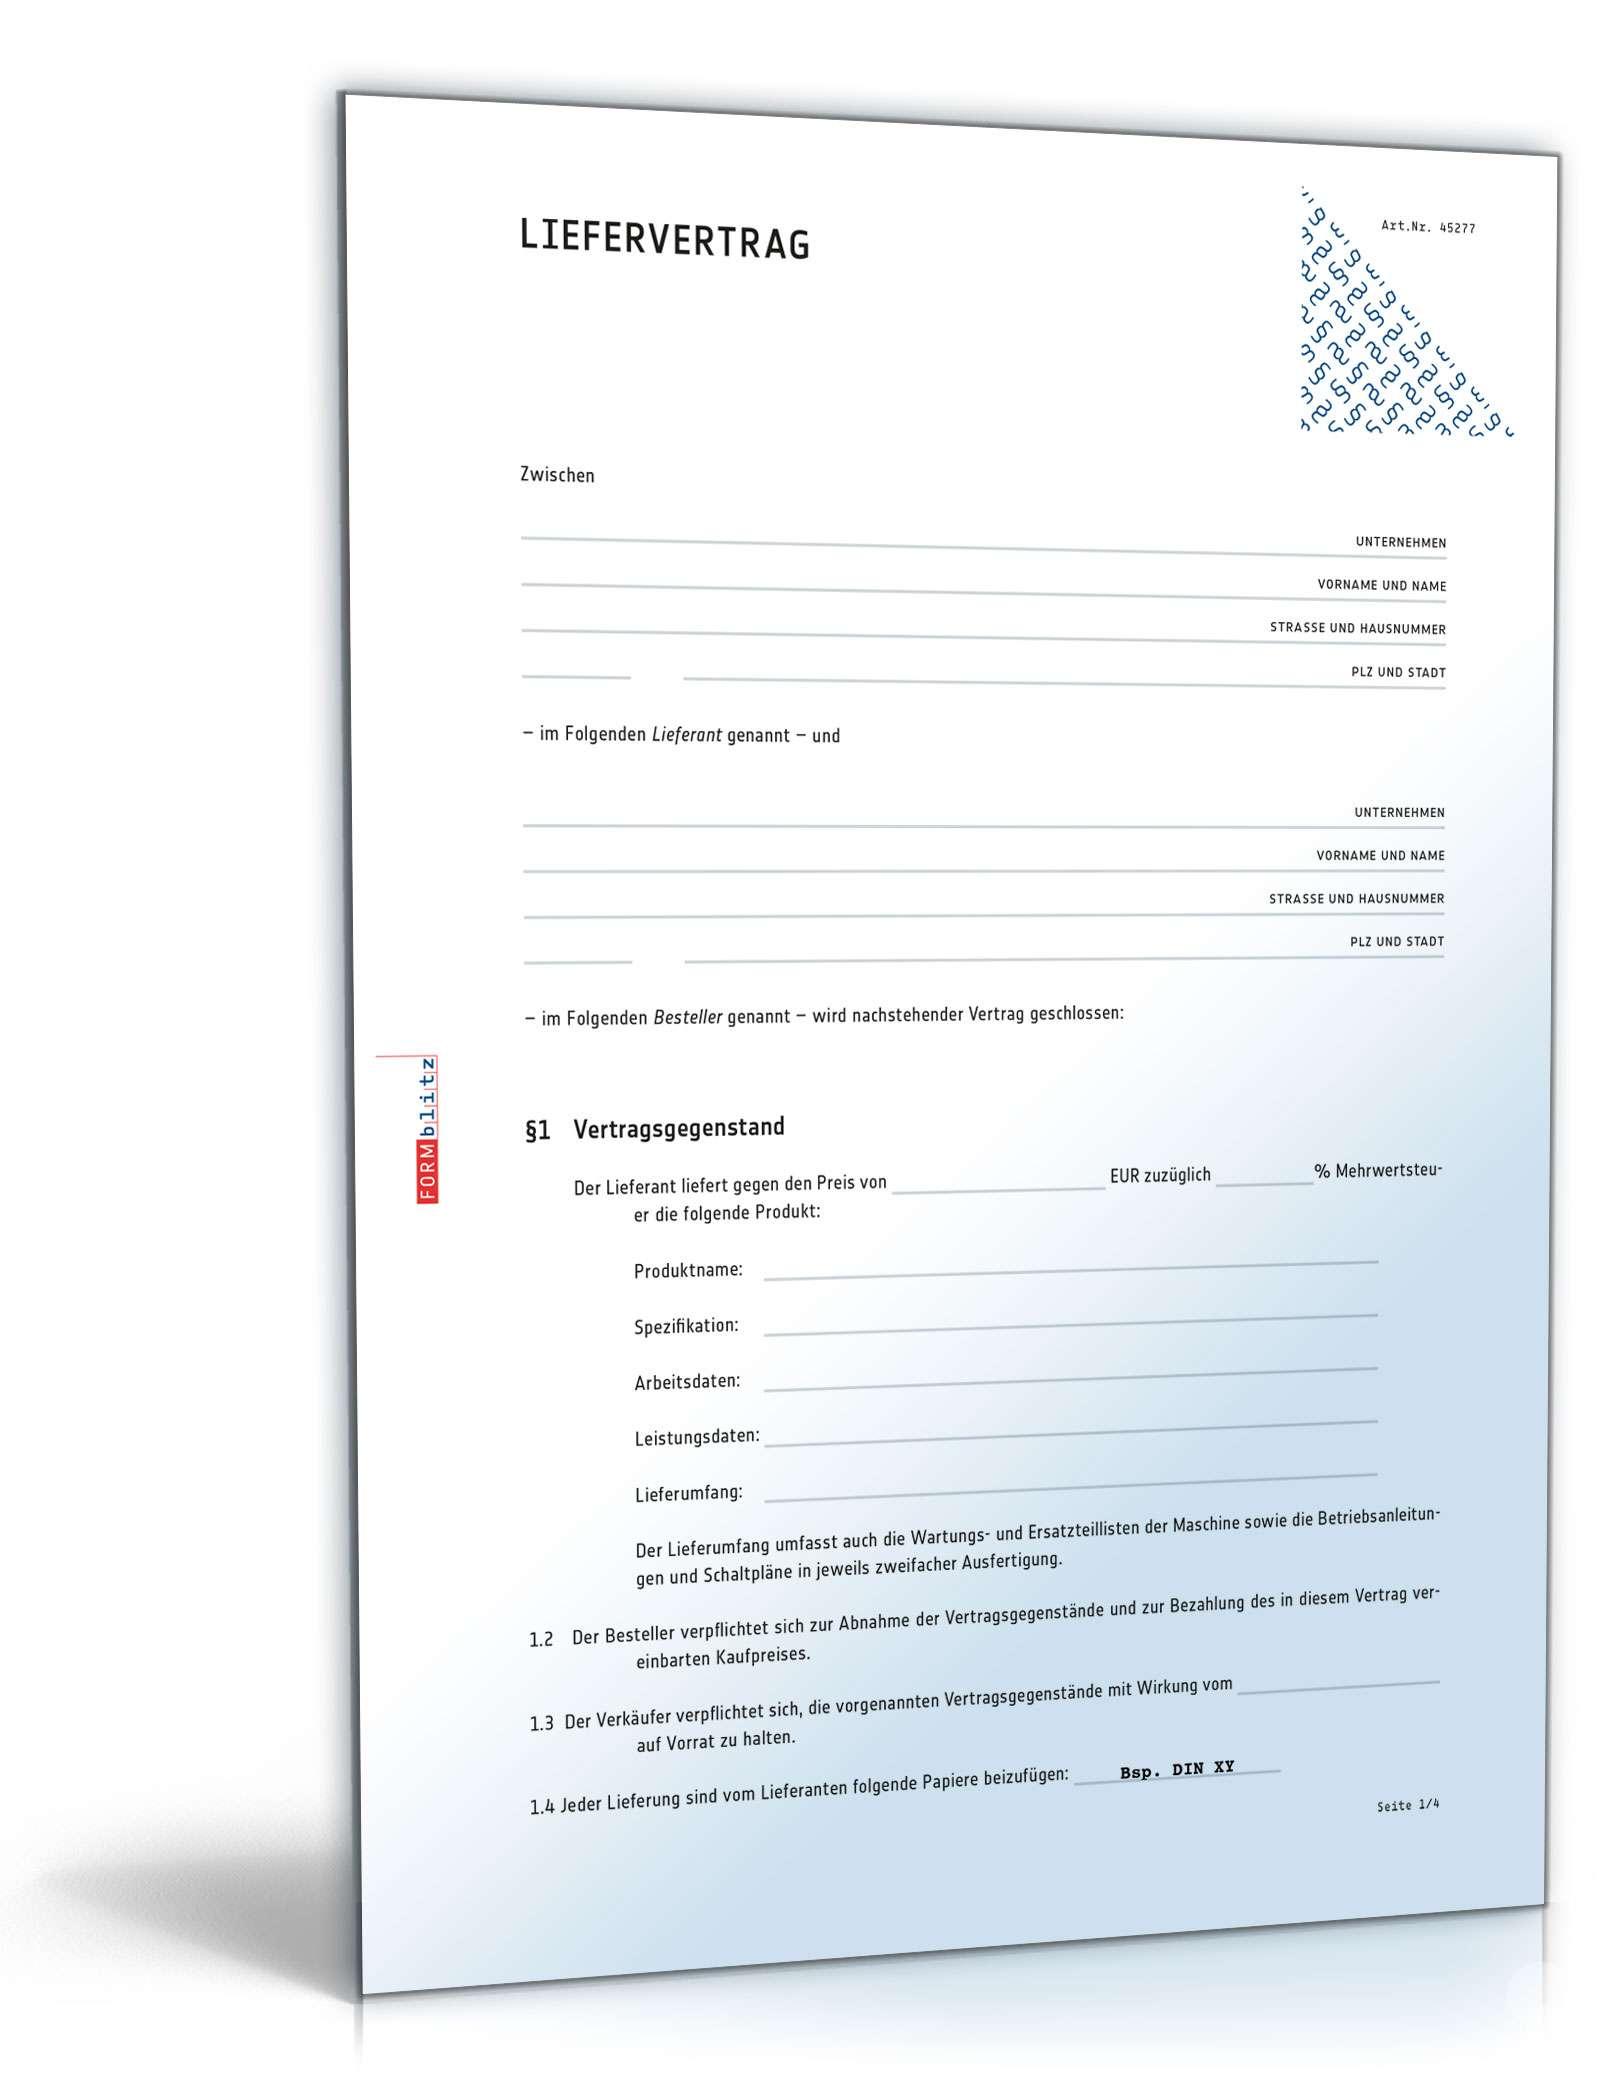 Liefervertrag: Rechtssichere Vorlage downloaden & anpassen